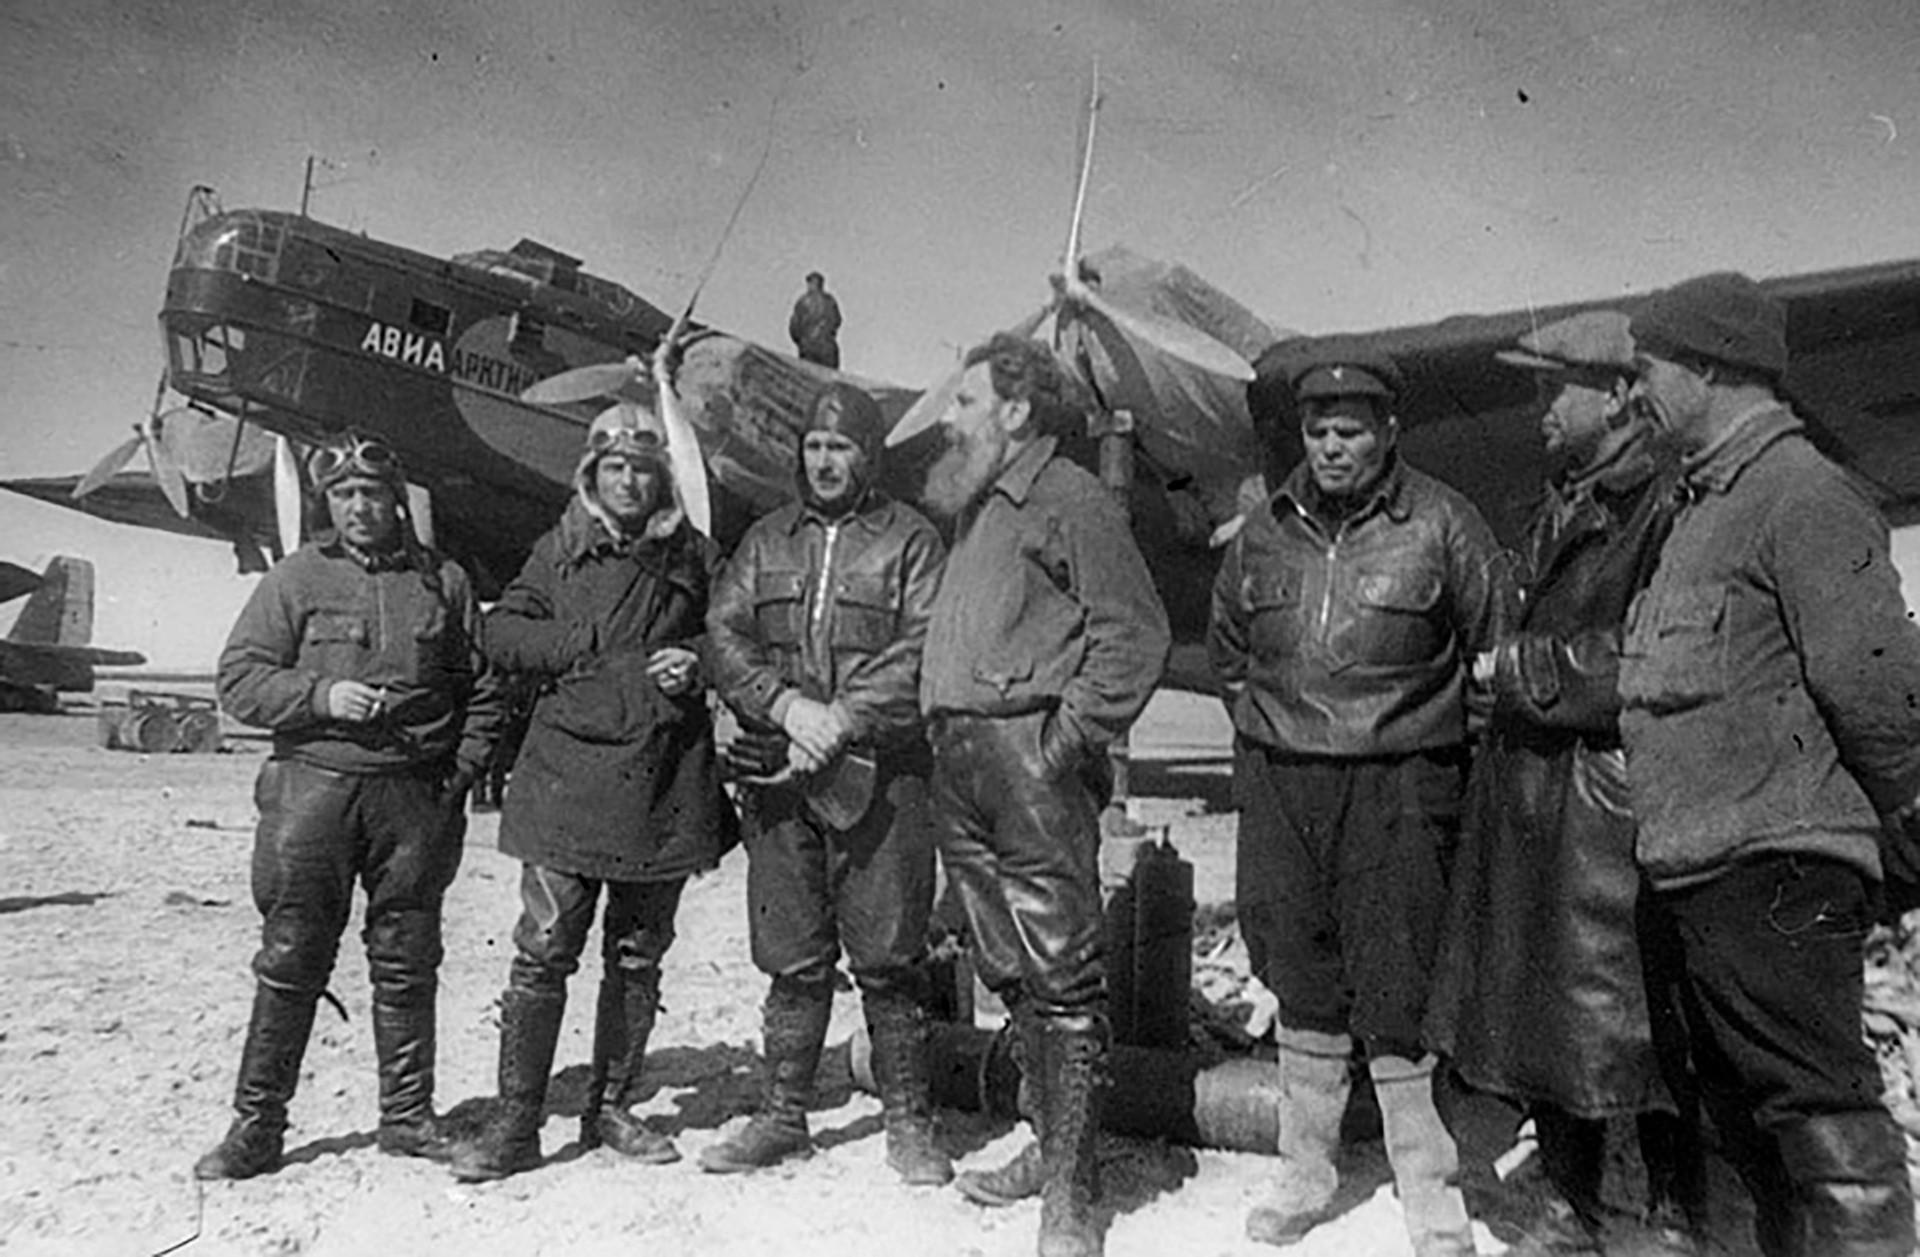 「北極点-1」探索の参加者、ロシア連邦英雄:I・スピーリン、M・シェヴェリョフ、 M・バーブシキン、O. シュミット, M・ヴォドプヤーノフ、A・アレクセエフ、V・モロコフ。